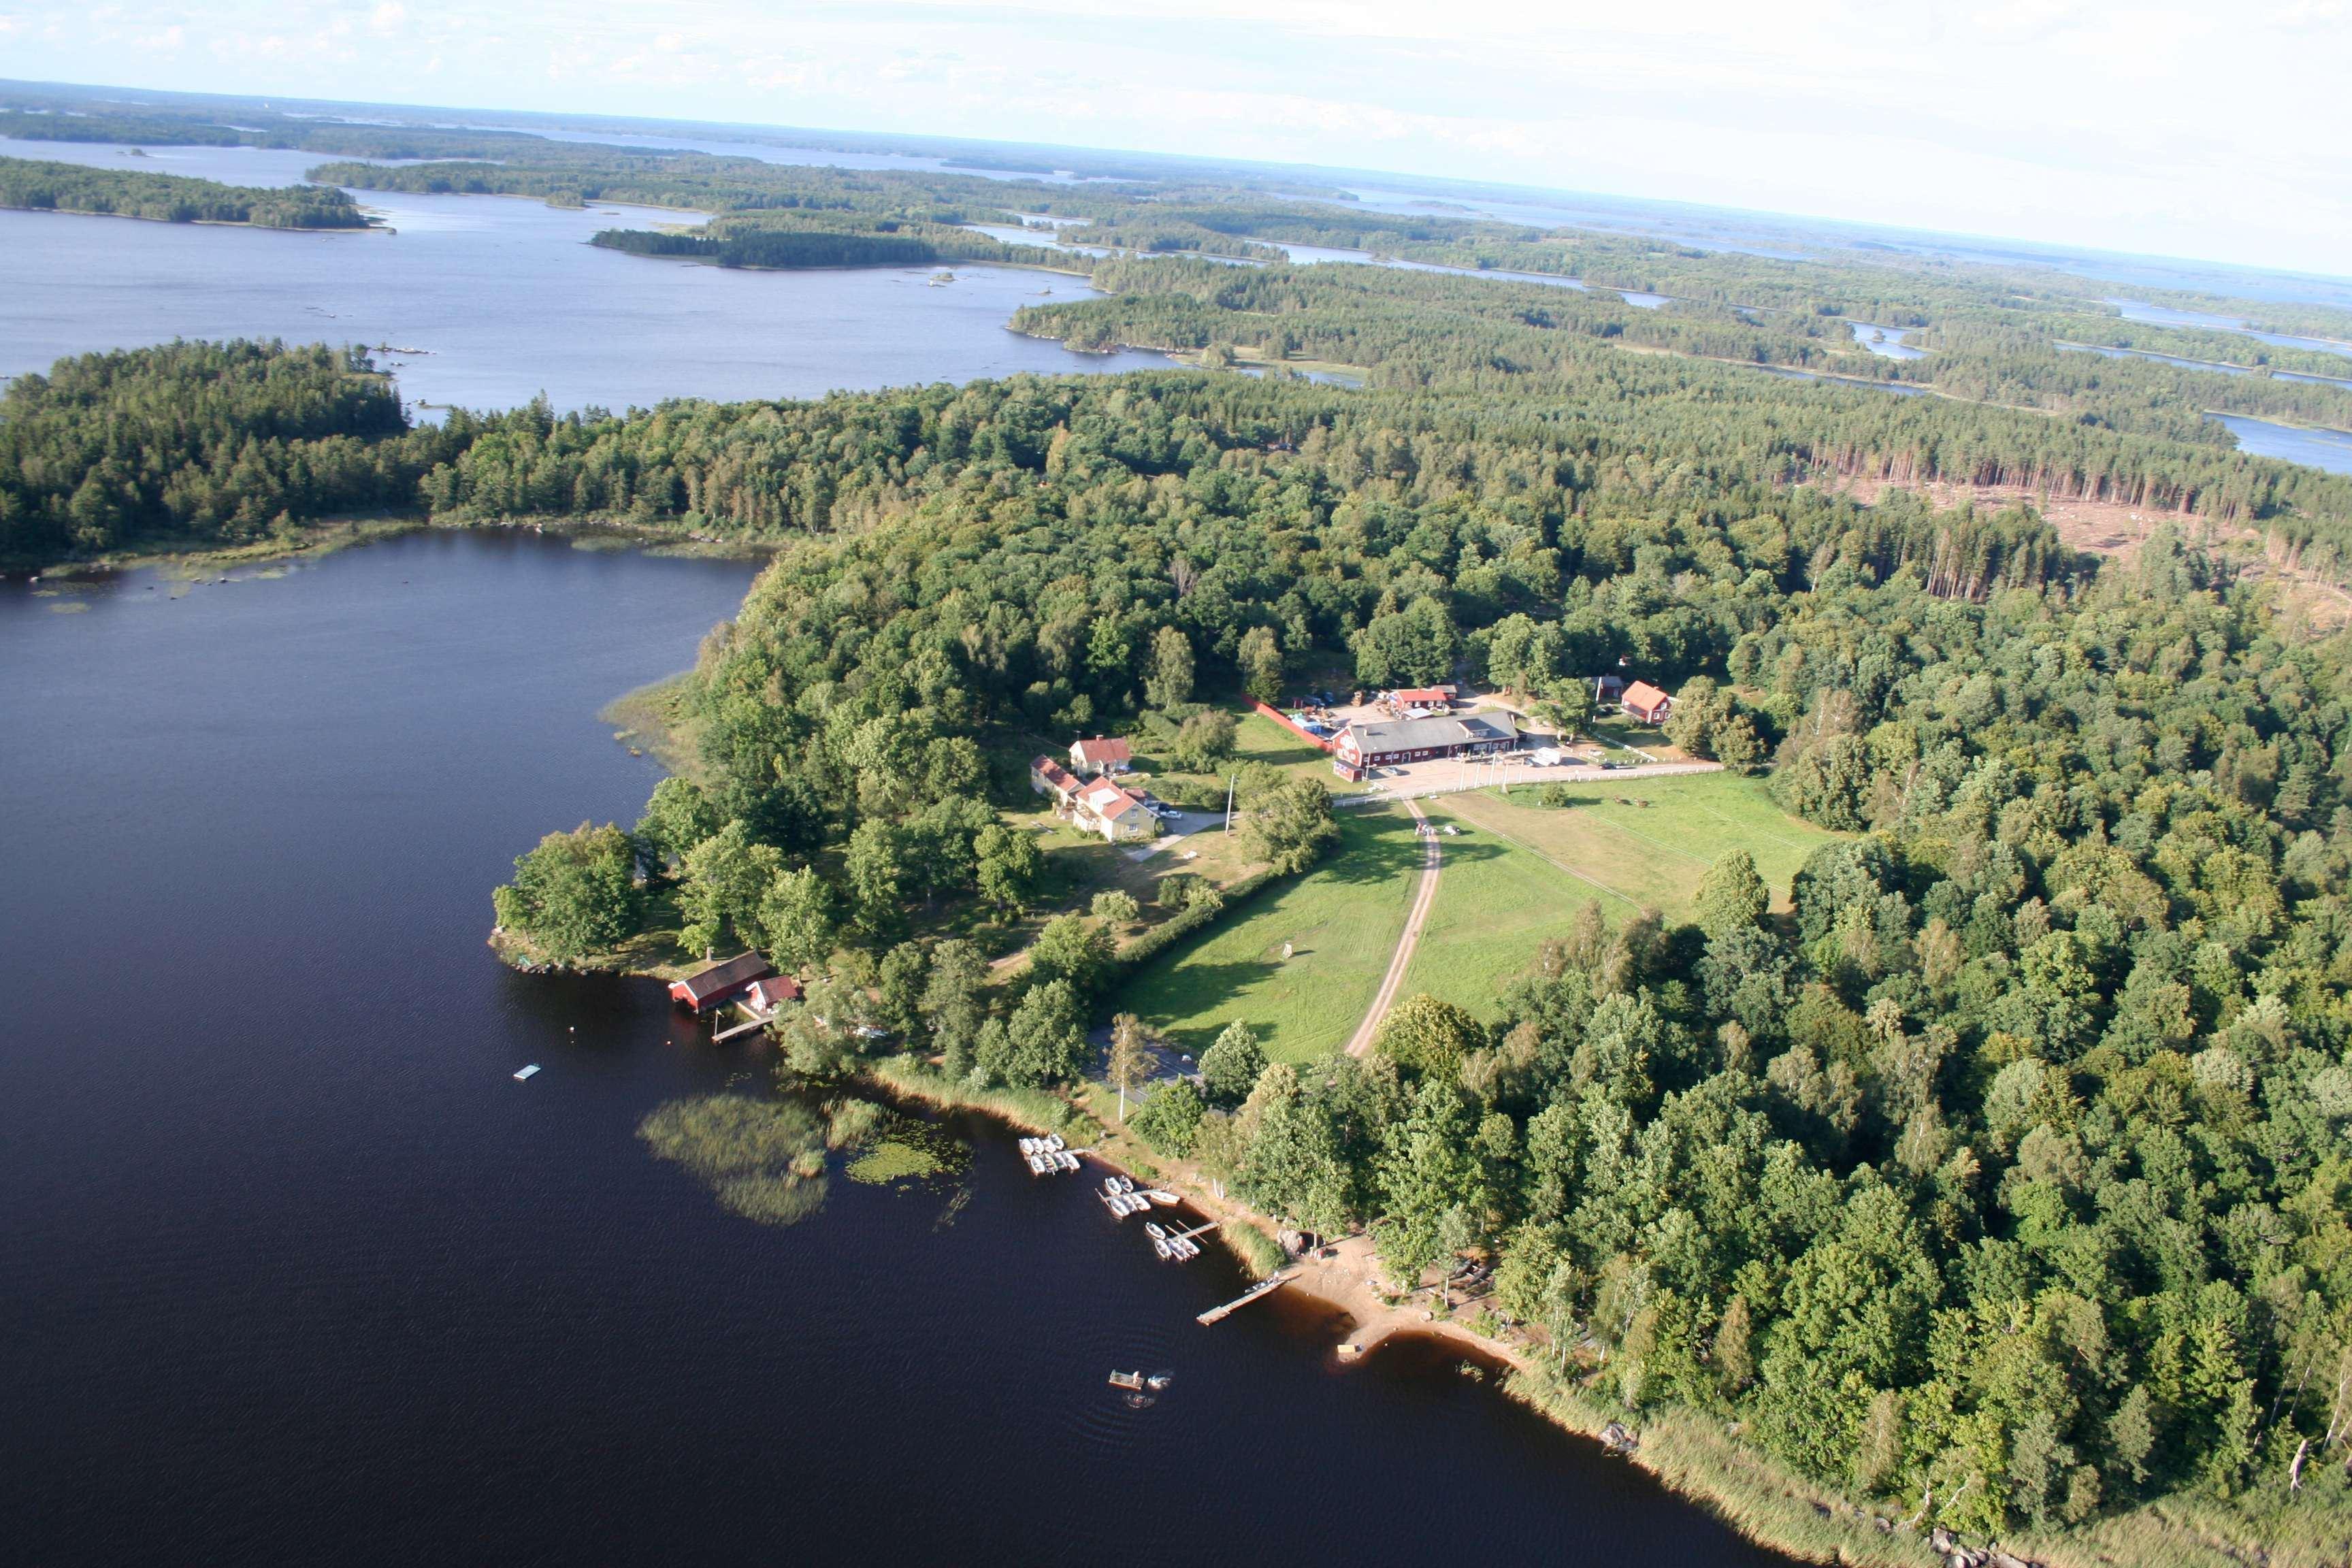 Alexander Mahmoud, Flygbild över Getnö och sjön Åsnen